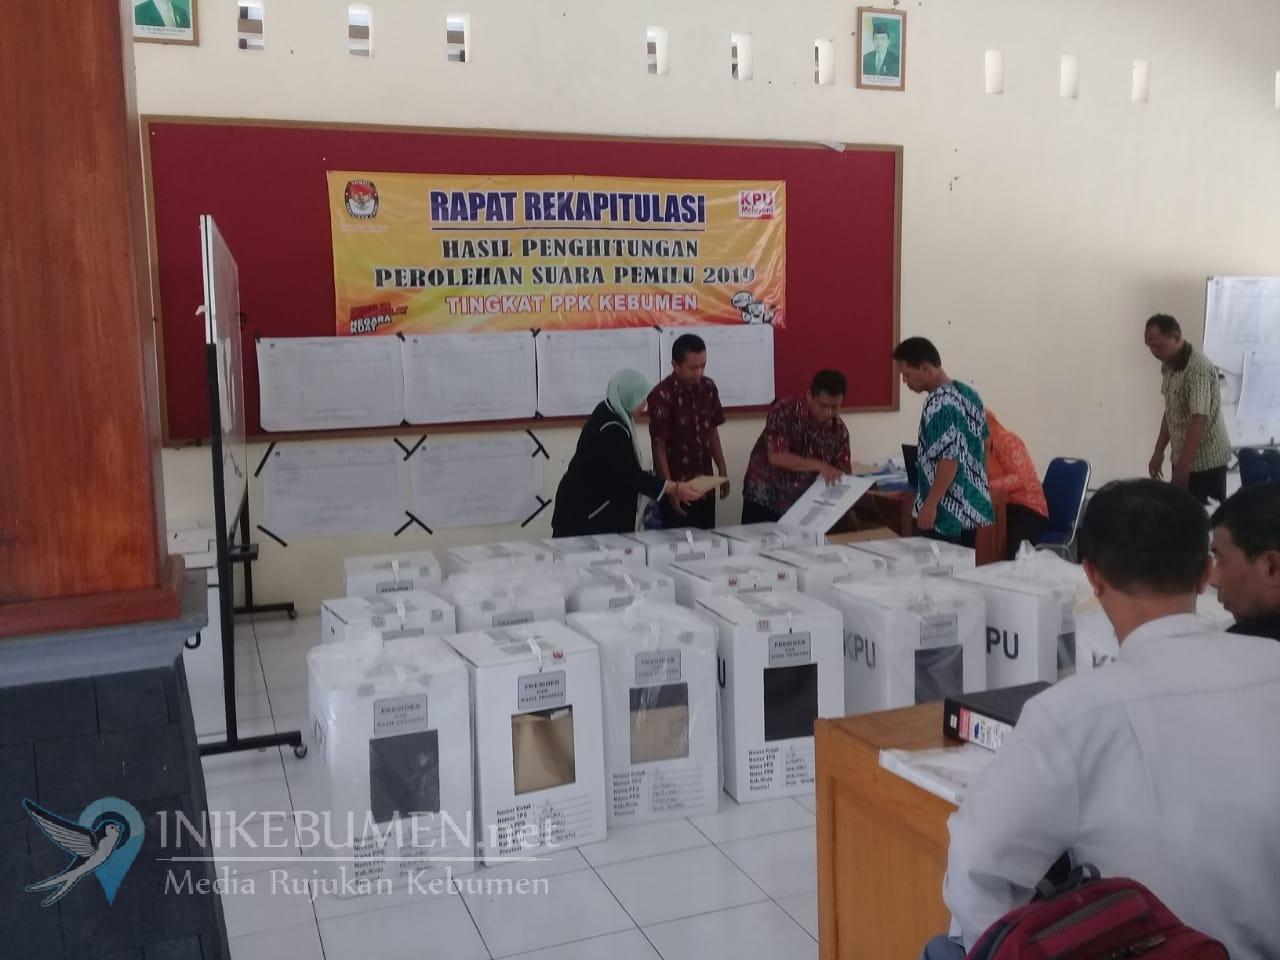 Unik, di TPS ini Jokowi dan Prabowo Raih Suara Draw